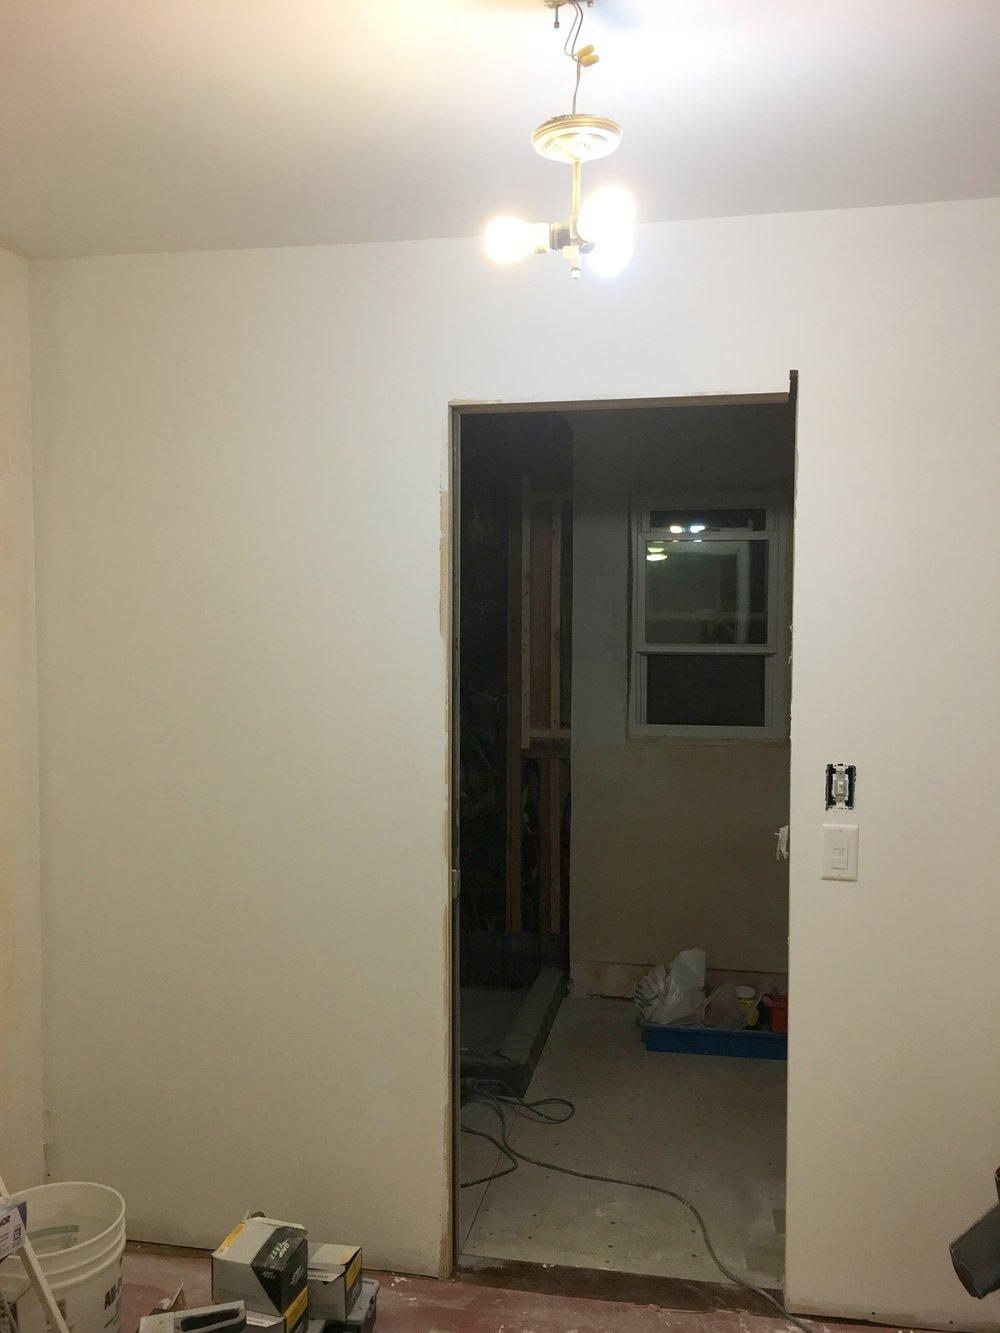 Wall between closet and bathroom